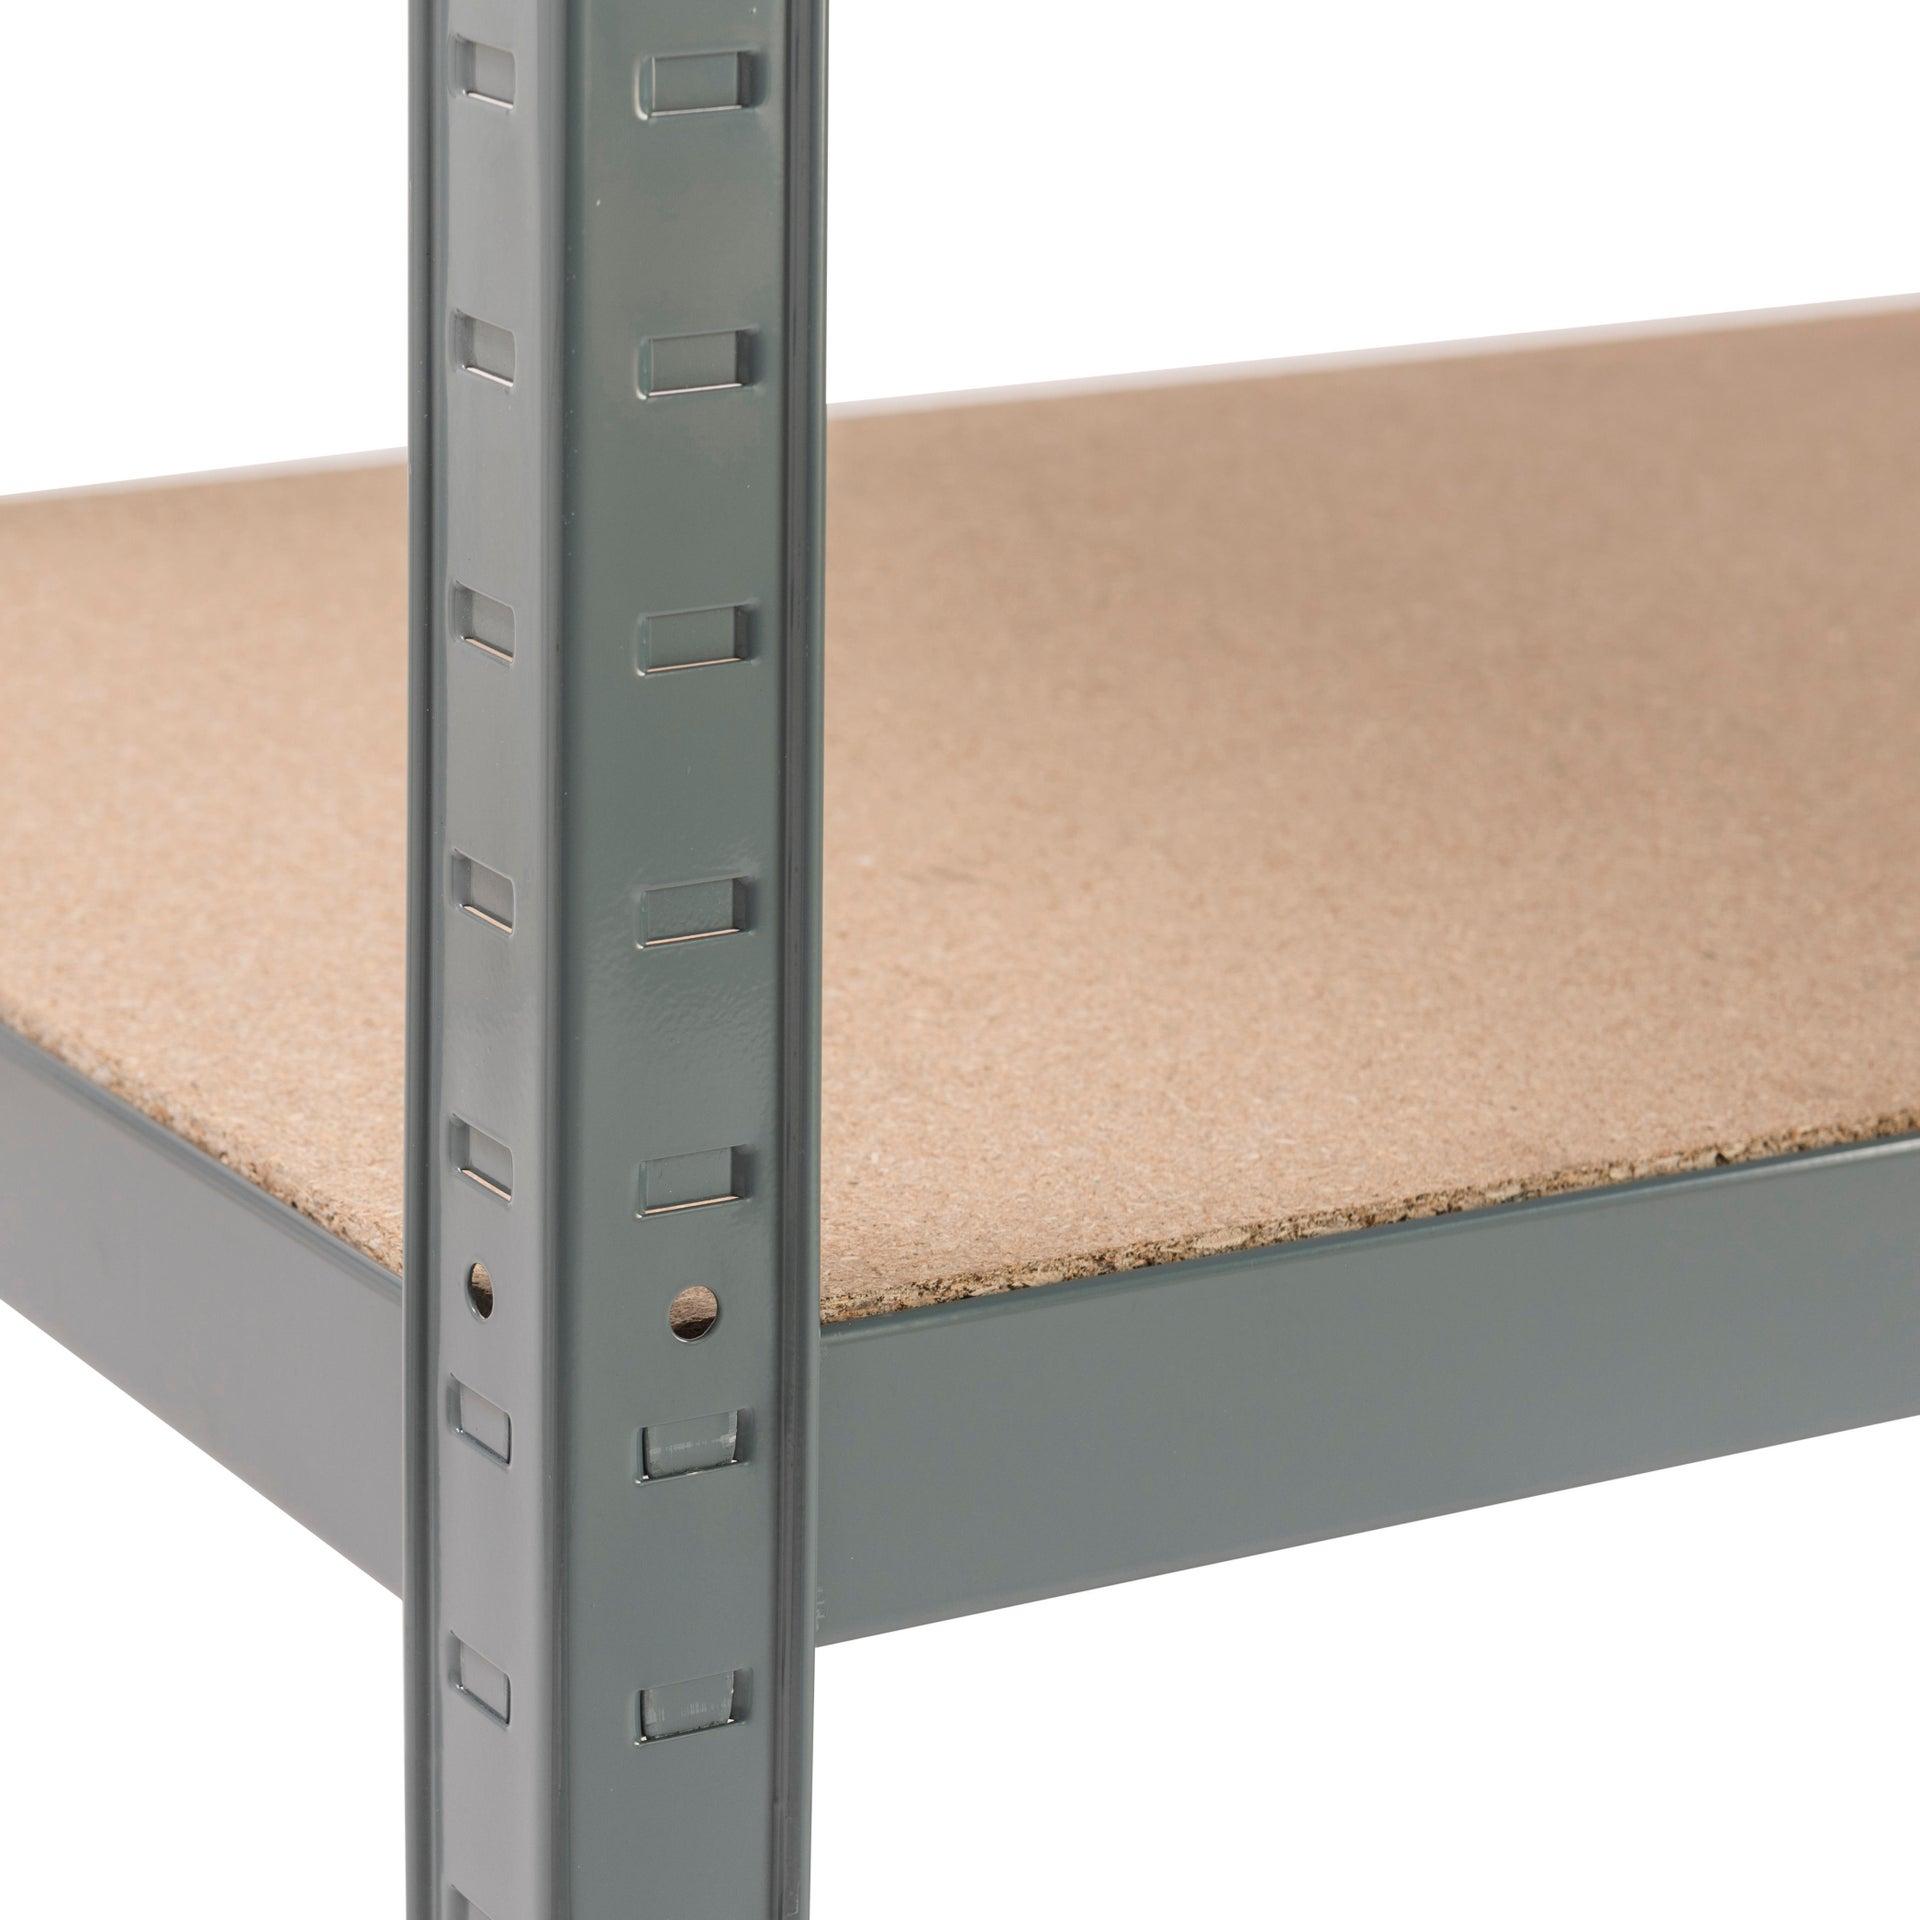 Scaffale in metallo in kit Spaceo L 120 x P 50 x H 196 cm grigio antracite - 20